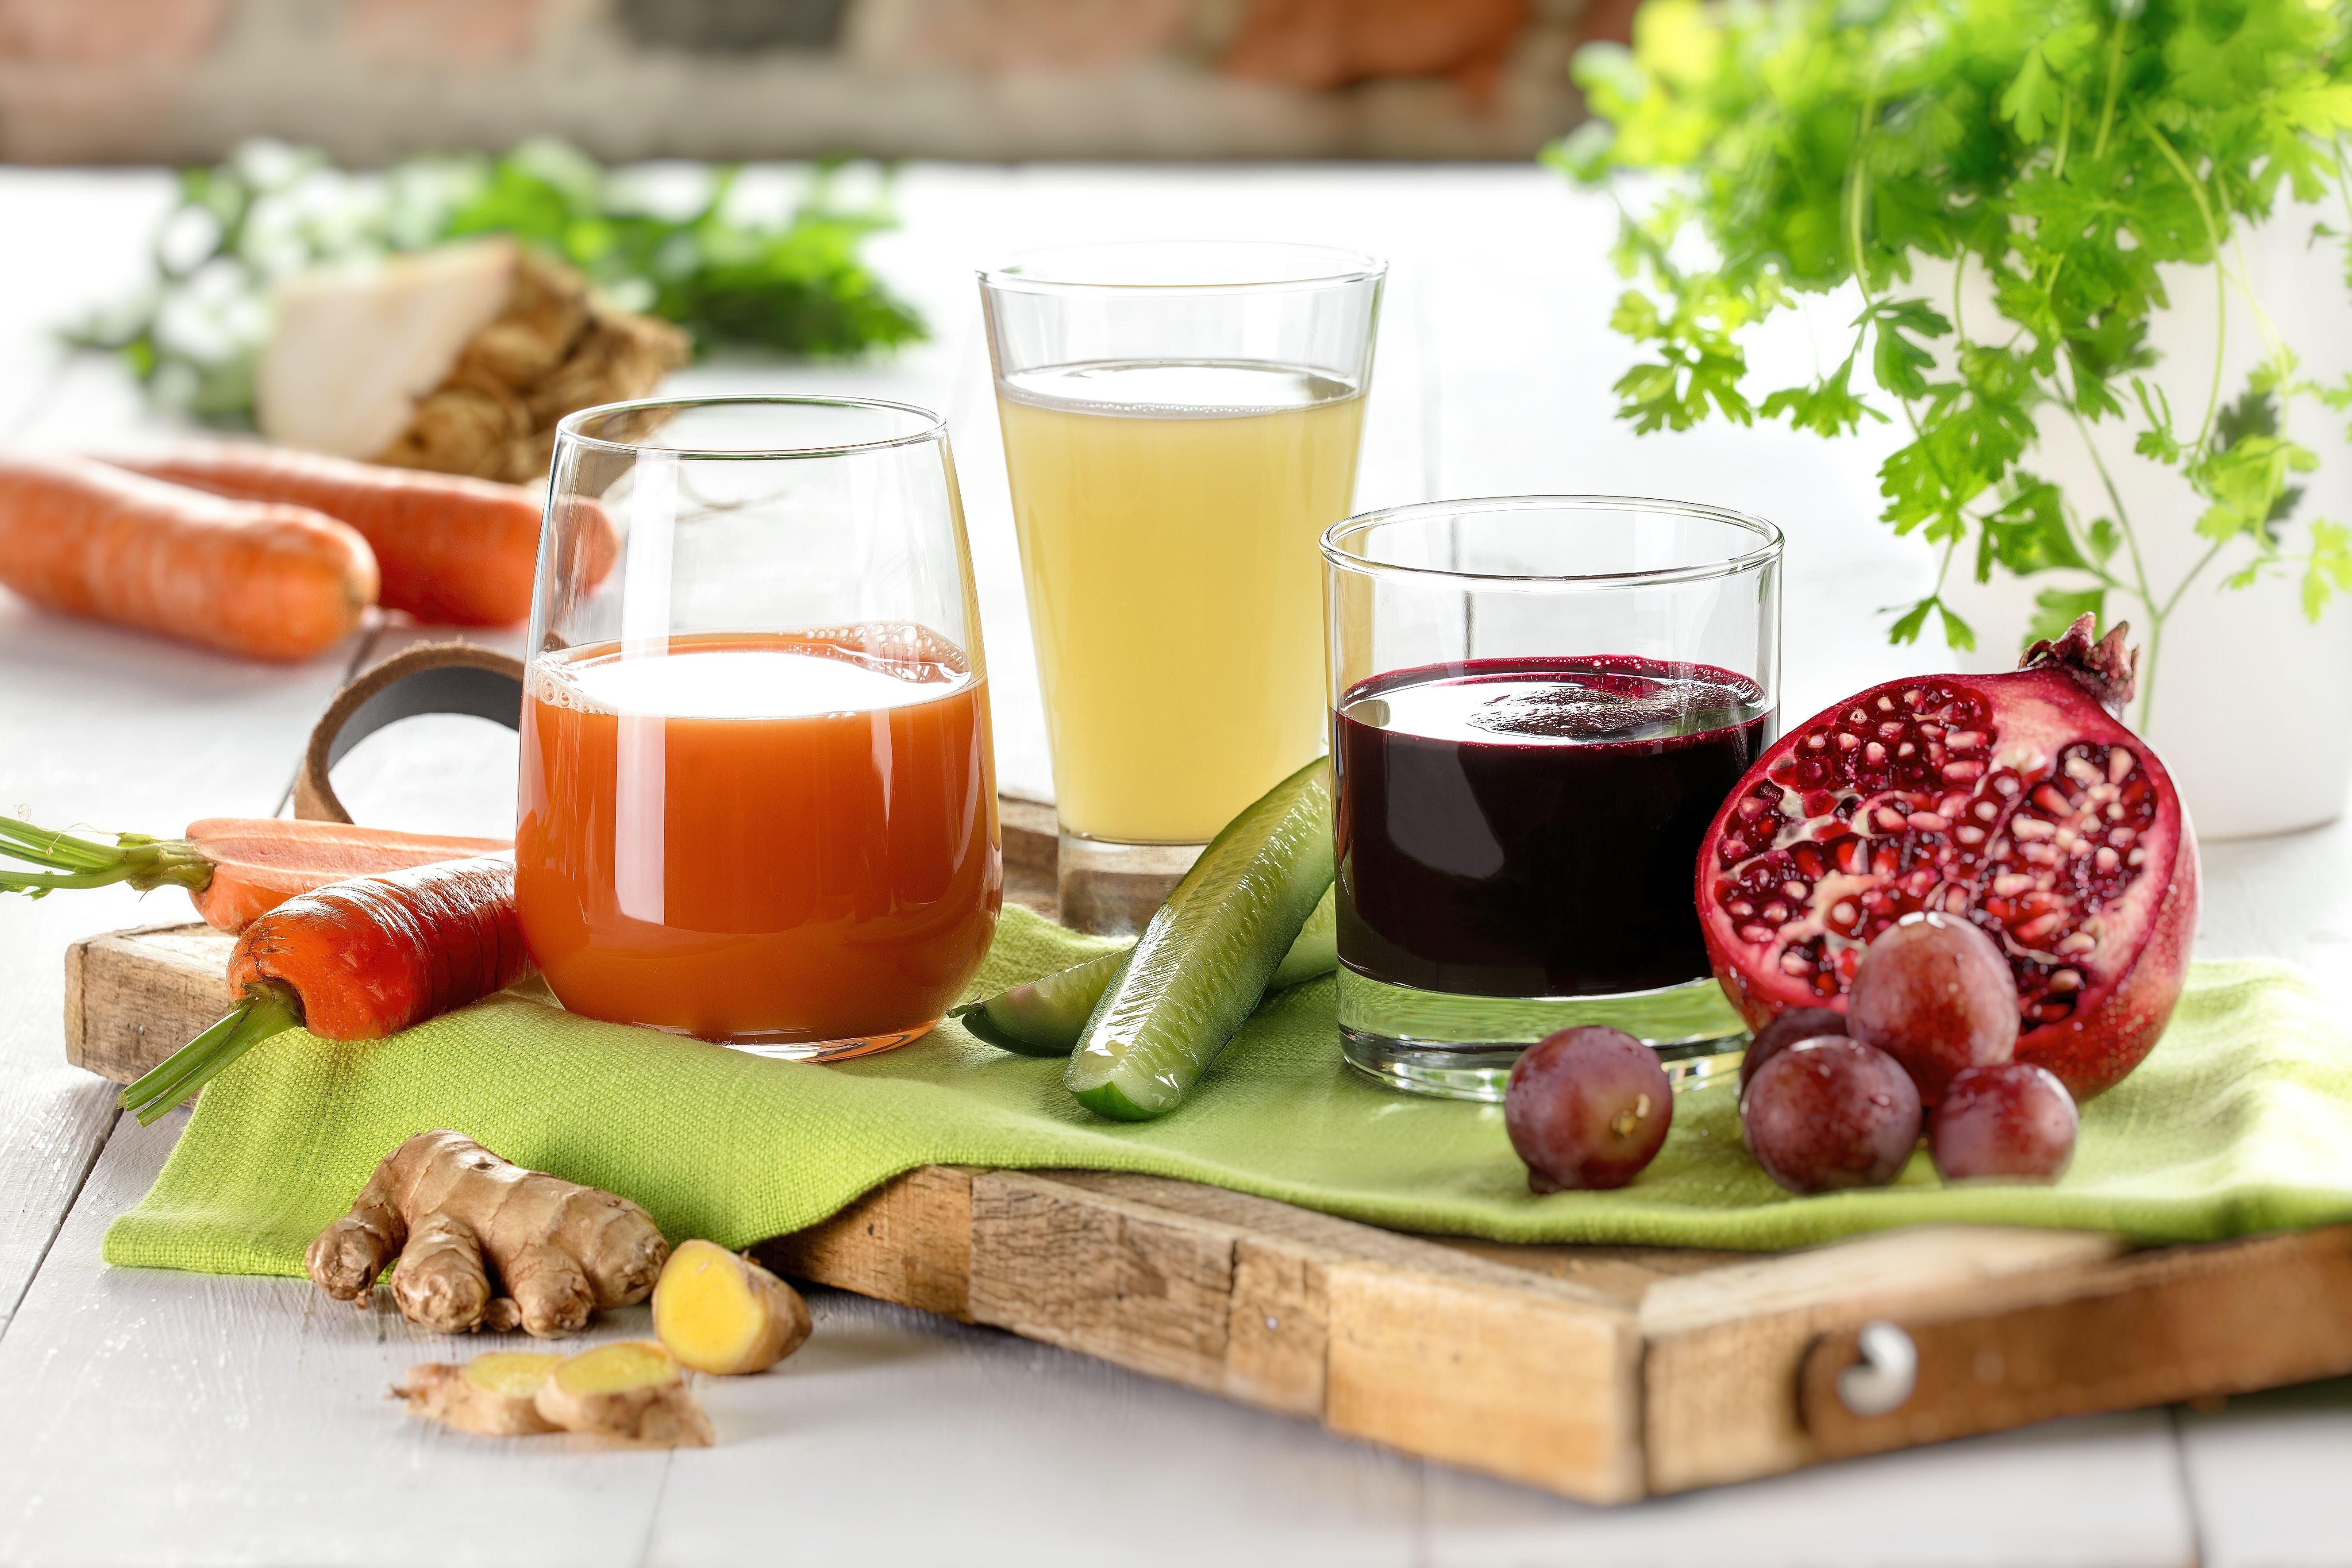 vitaminreiche s fte aus m hren rote bete und pfel saft s fte gesundheit fitness. Black Bedroom Furniture Sets. Home Design Ideas